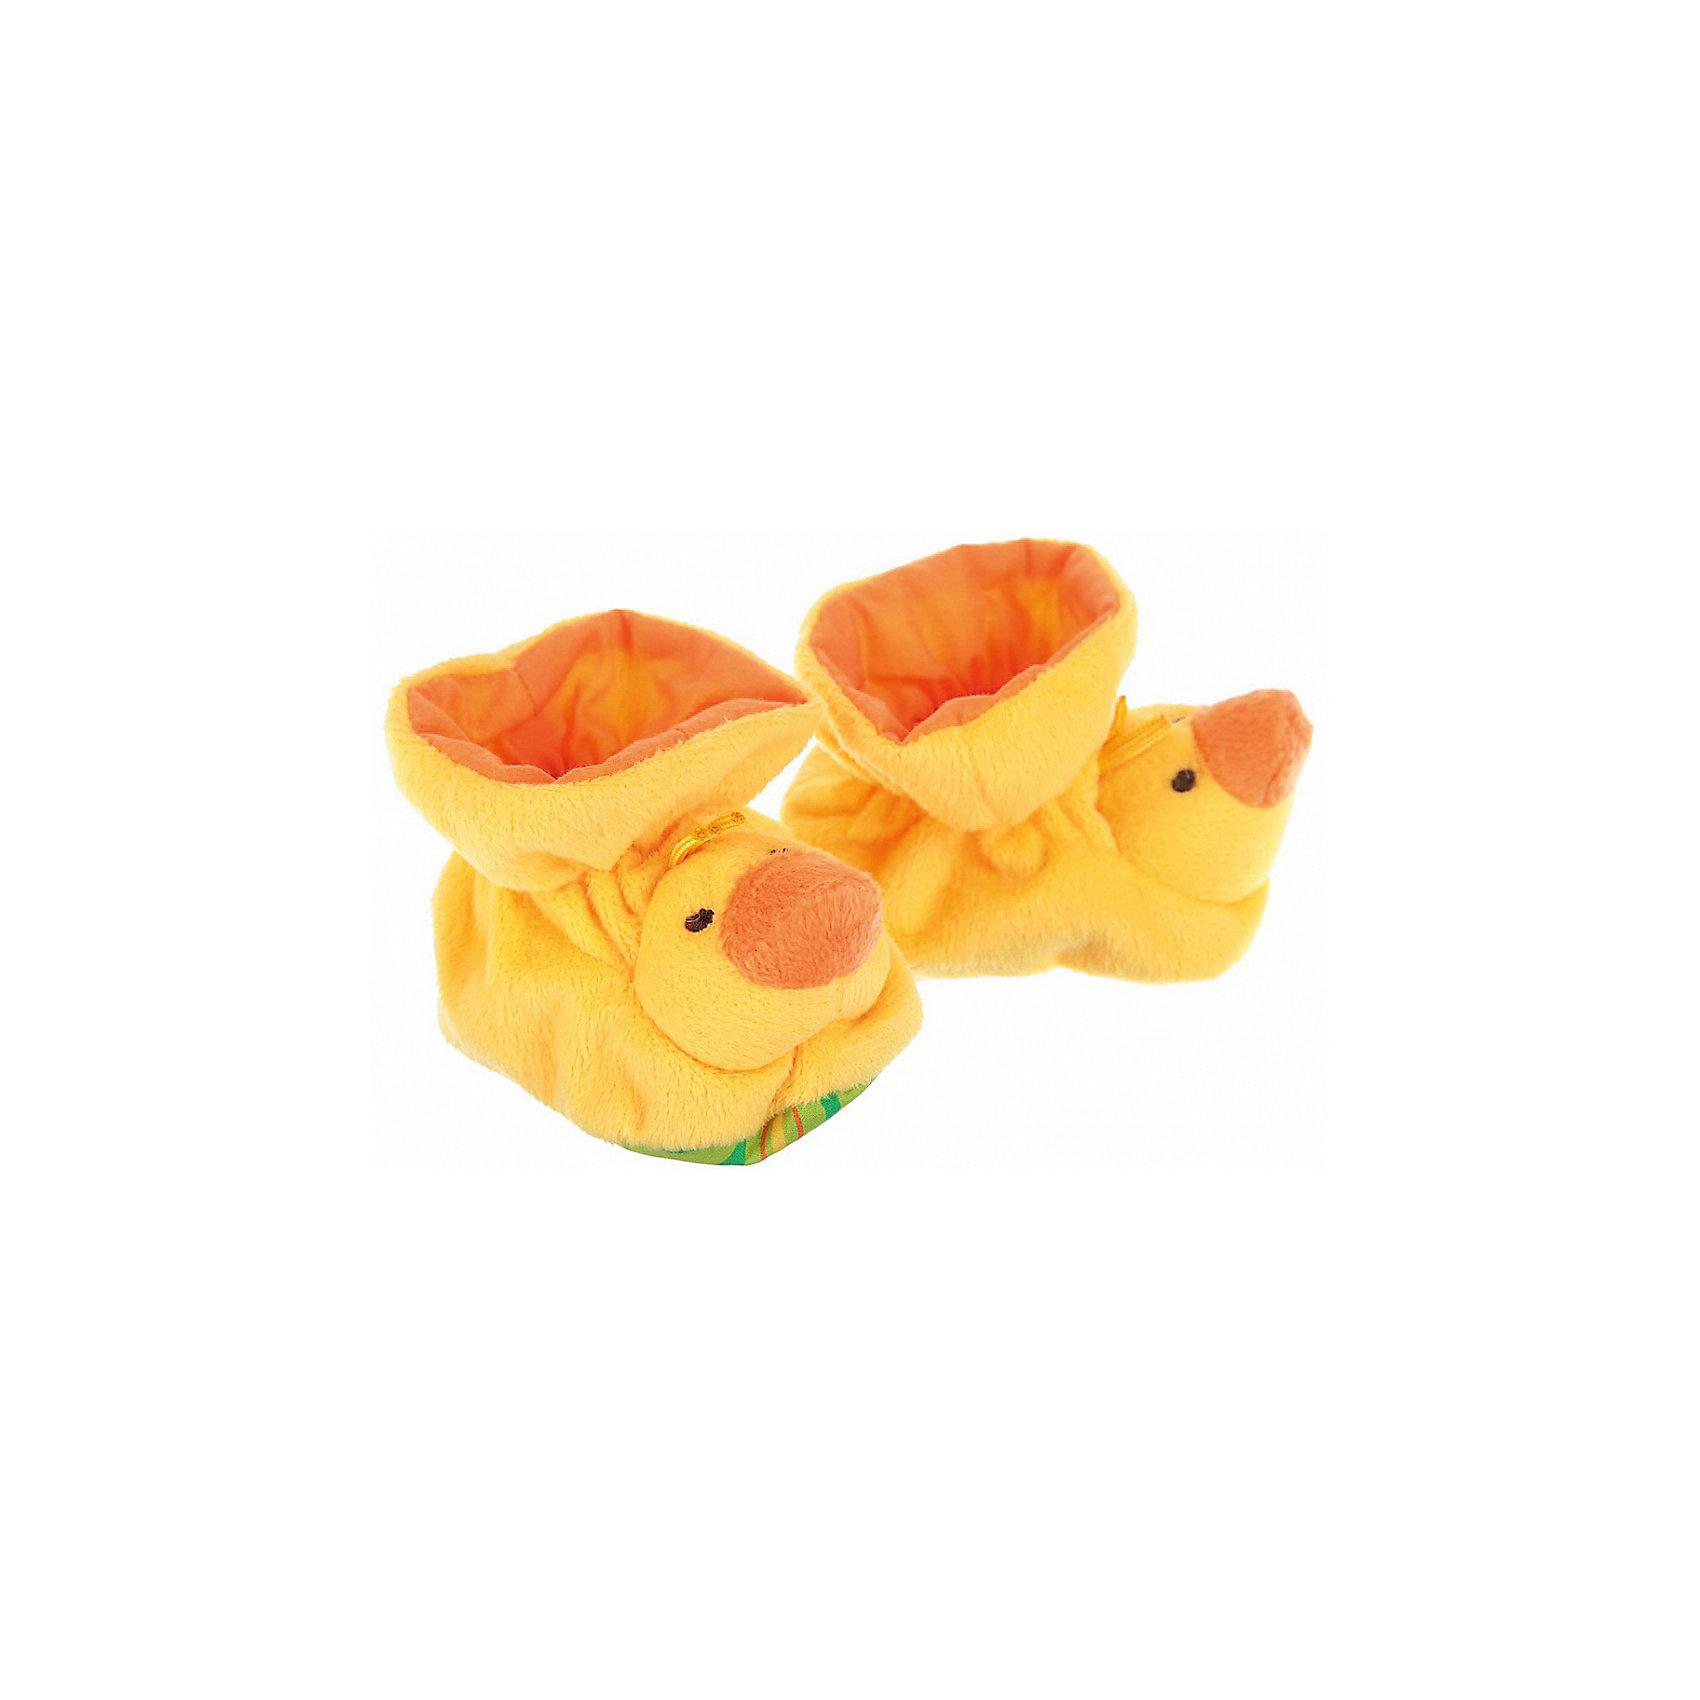 Пинетки с аппликацией Утята, Baby NiceПинетки и царапки<br>Одежда, обувь и аксессуары для детей должны быть качественными и безопасными. Эти пинетки обеспечат ножкам малыша комфорт и тепло. Они украшены симпатичной мордочкой животного.<br>Пинетки сшиты из натуральной дышащей хлопчатобумажной ткани, приятной на ощупь. Она не вызывает аллергии, что особенно важно для малышей. Также материал обеспечит хорошую терморегуляцию. Ткань очень мягкая и теплая. Пинетки сделаны из высококачественных материалов, безопасных для ребенка.<br><br>Дополнительная информация:<br><br>цвет: разноцветный;<br>материал: 100% хлопок;<br>аппликация.<br><br>Пинетки с аппликацией Утята от компании Baby Nice можно купить в нашем магазине.<br><br>Ширина мм: 100<br>Глубина мм: 60<br>Высота мм: 30<br>Вес г: 200<br>Возраст от месяцев: 0<br>Возраст до месяцев: 36<br>Пол: Унисекс<br>Возраст: Детский<br>SKU: 4941766